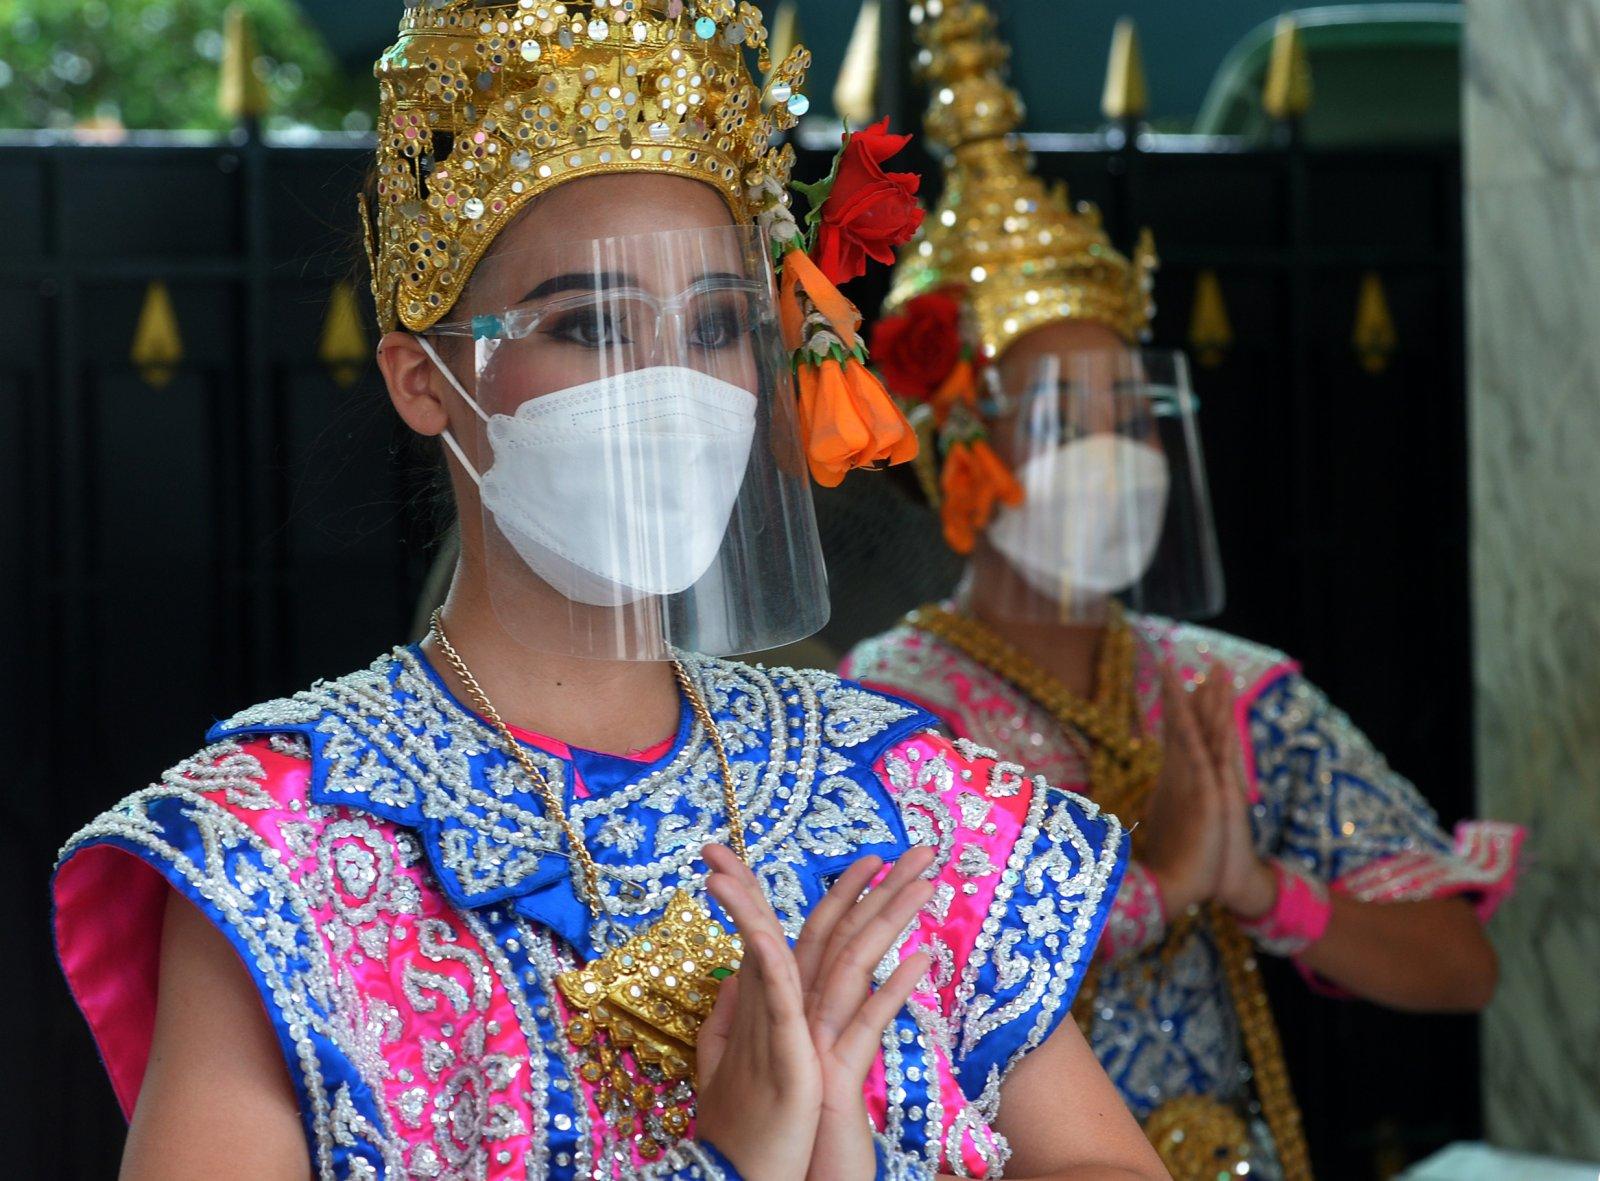 9月11日,佩戴防護面罩的舞者在泰國曼谷四面佛表演舞蹈。(新華社)